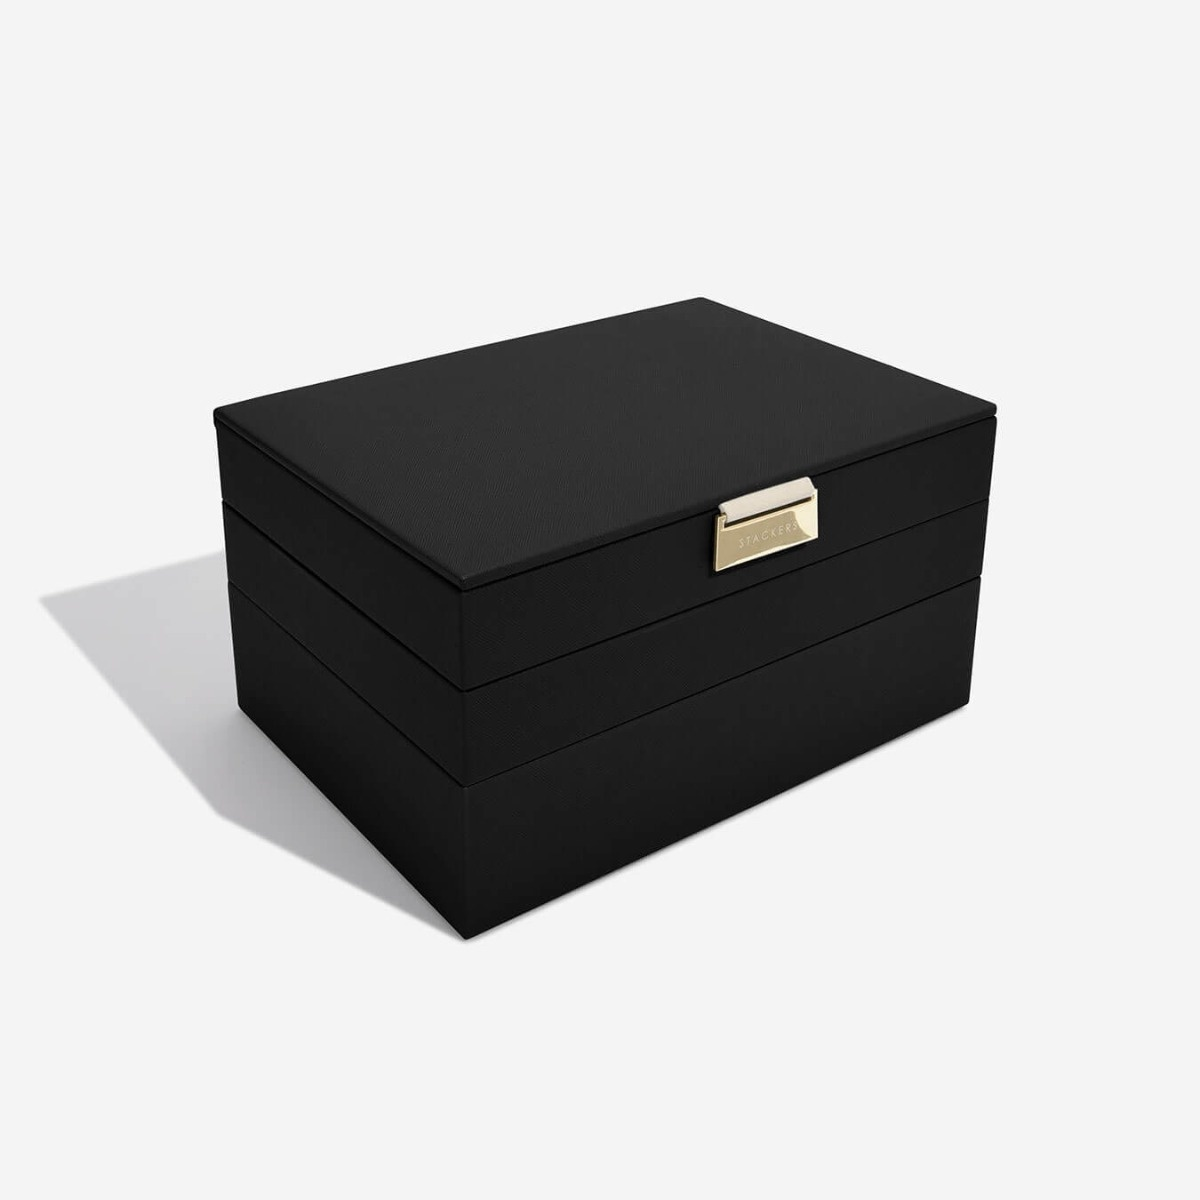 Schmuckschatulle Black Classic Set